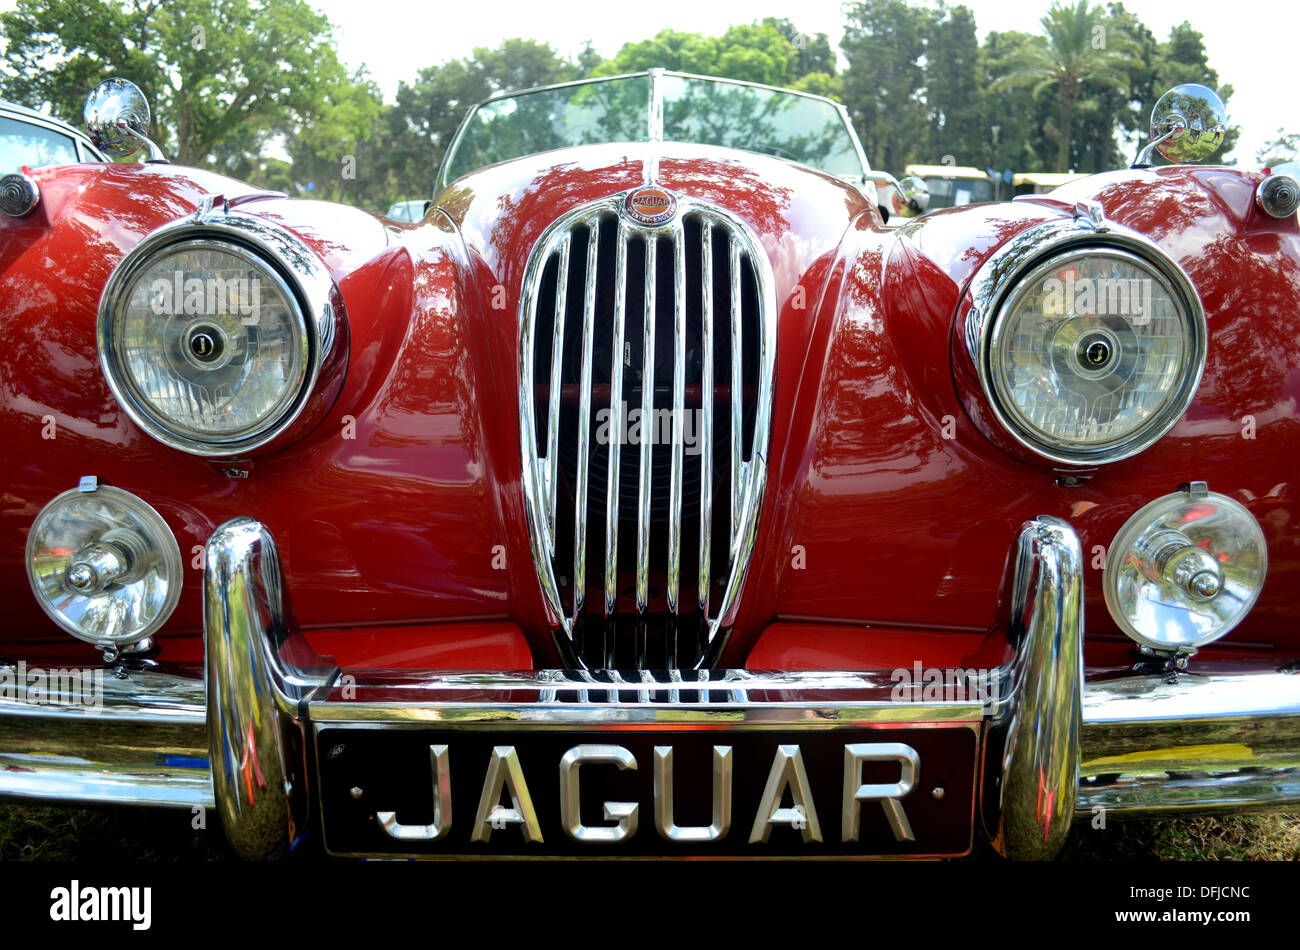 Jaguar classic car logo stock photo royalty free image 61256088 jaguar classic car logo buycottarizona